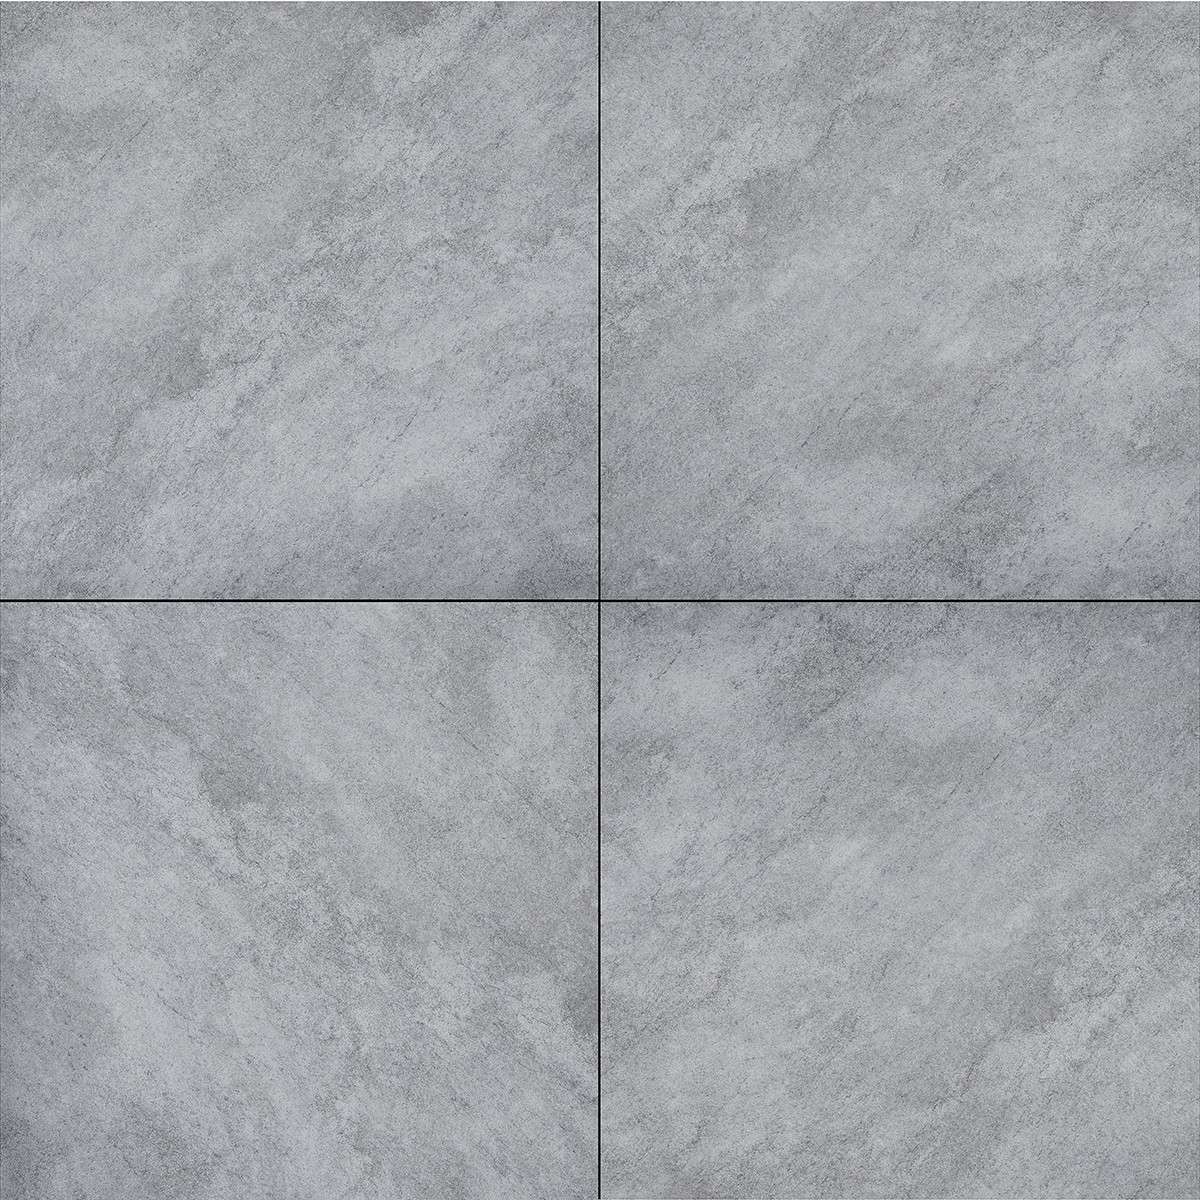 Gardenlux   Ceramica Terrazza 59.5x59.5x2   Limestone Grey